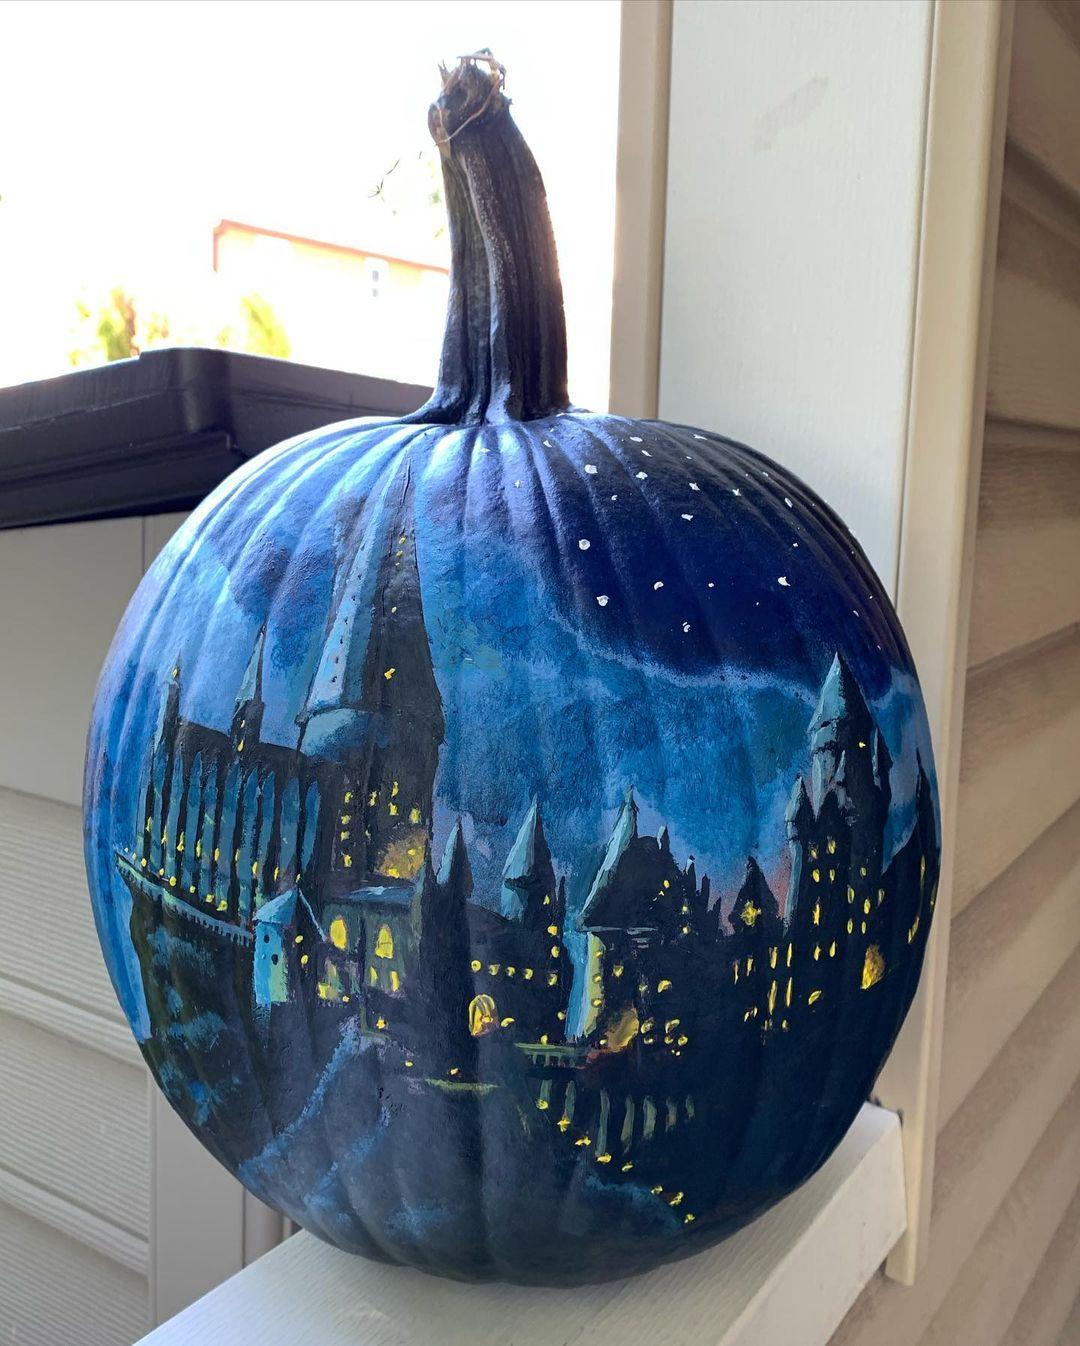 Hogwarts themed halloween pumpkin